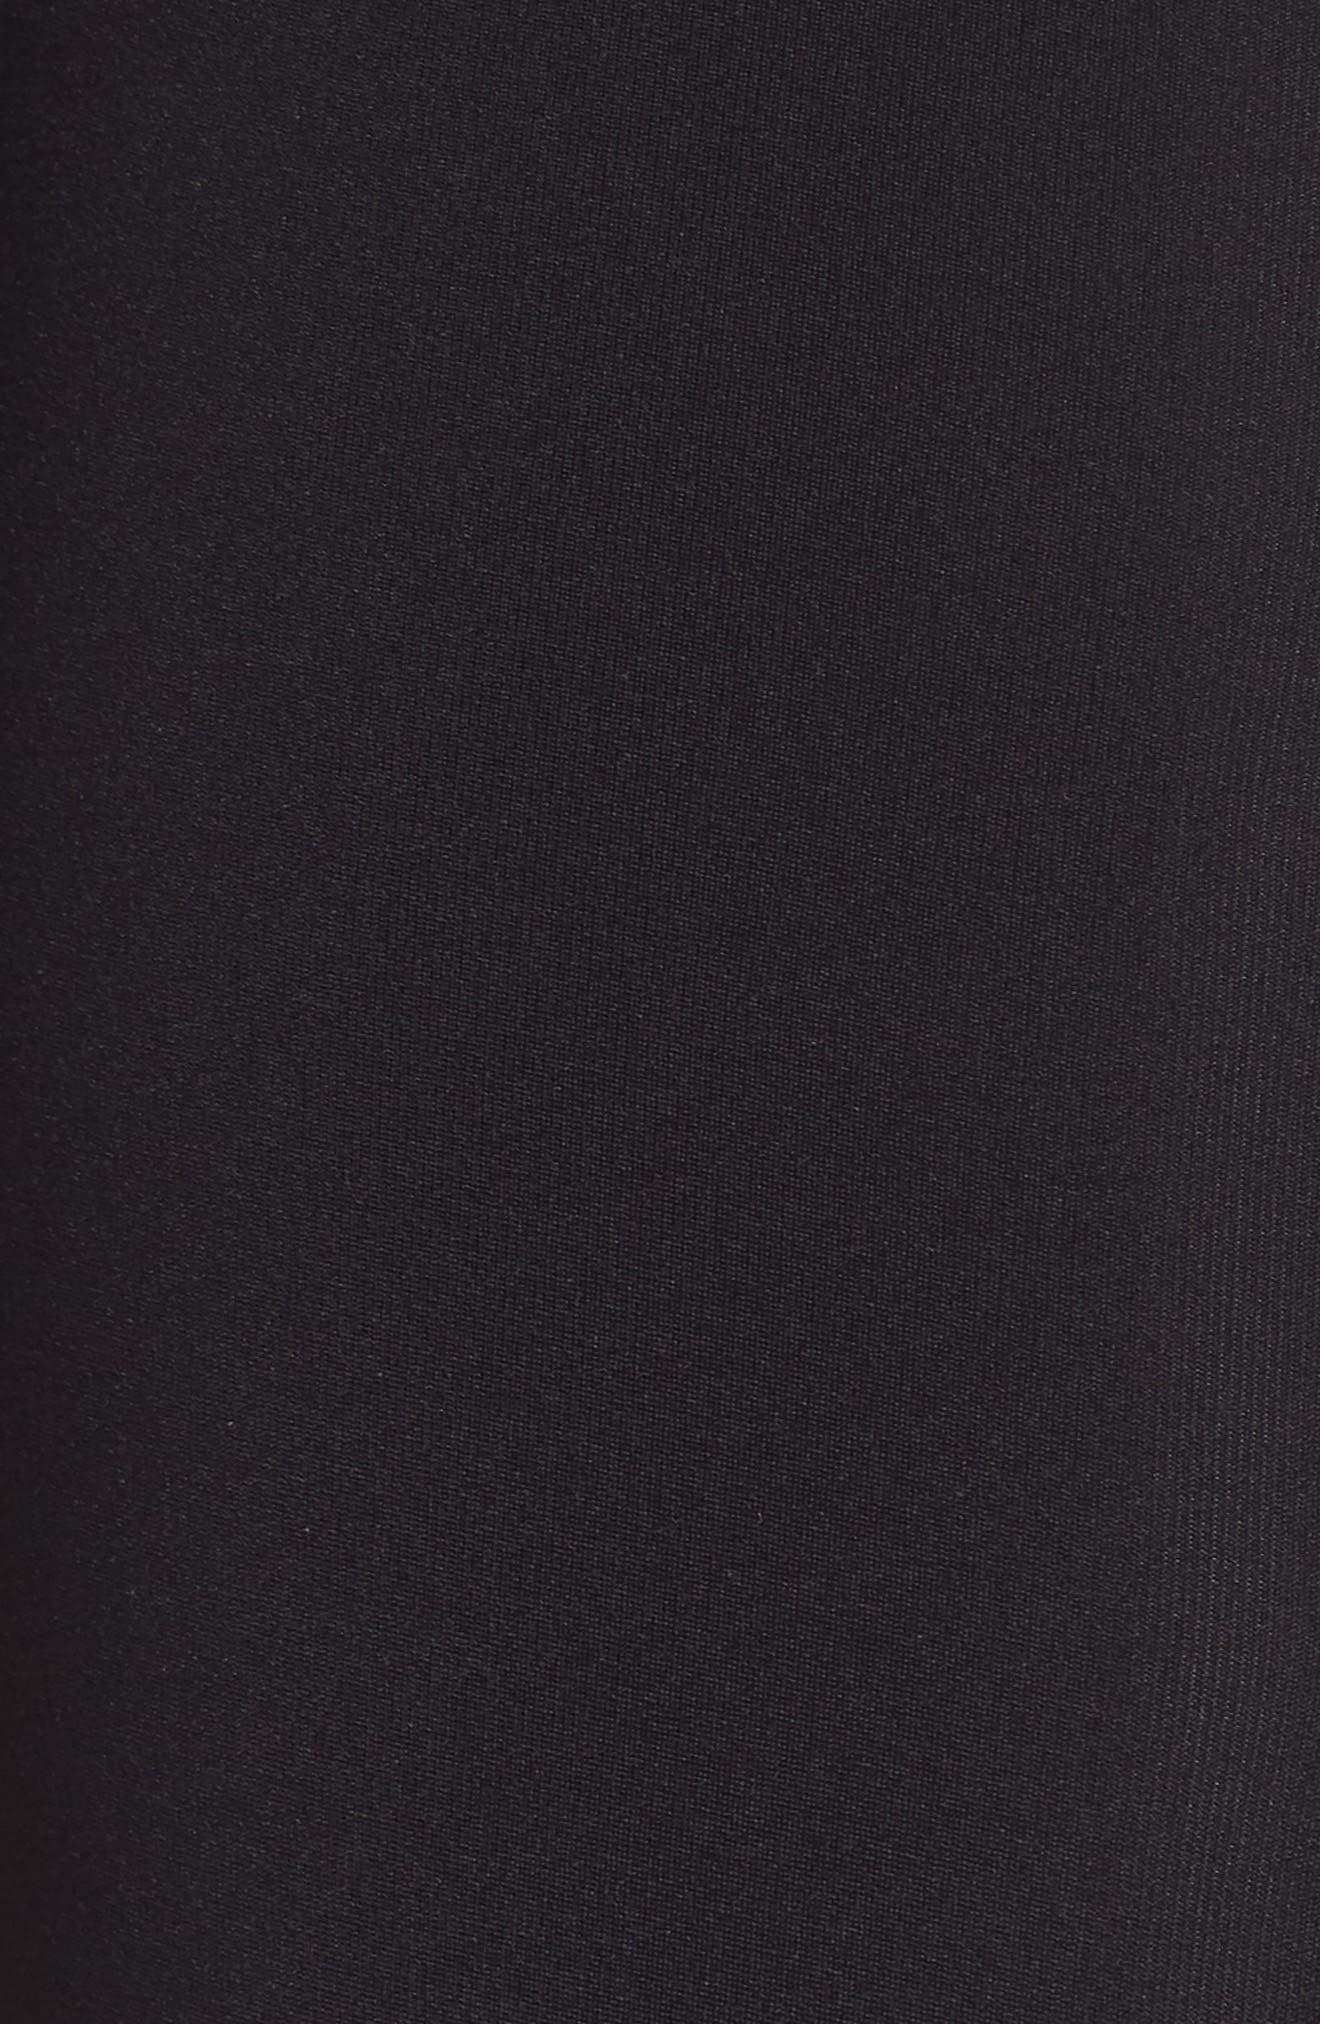 Zephyr Leggings,                             Alternate thumbnail 6, color,                             BLACK